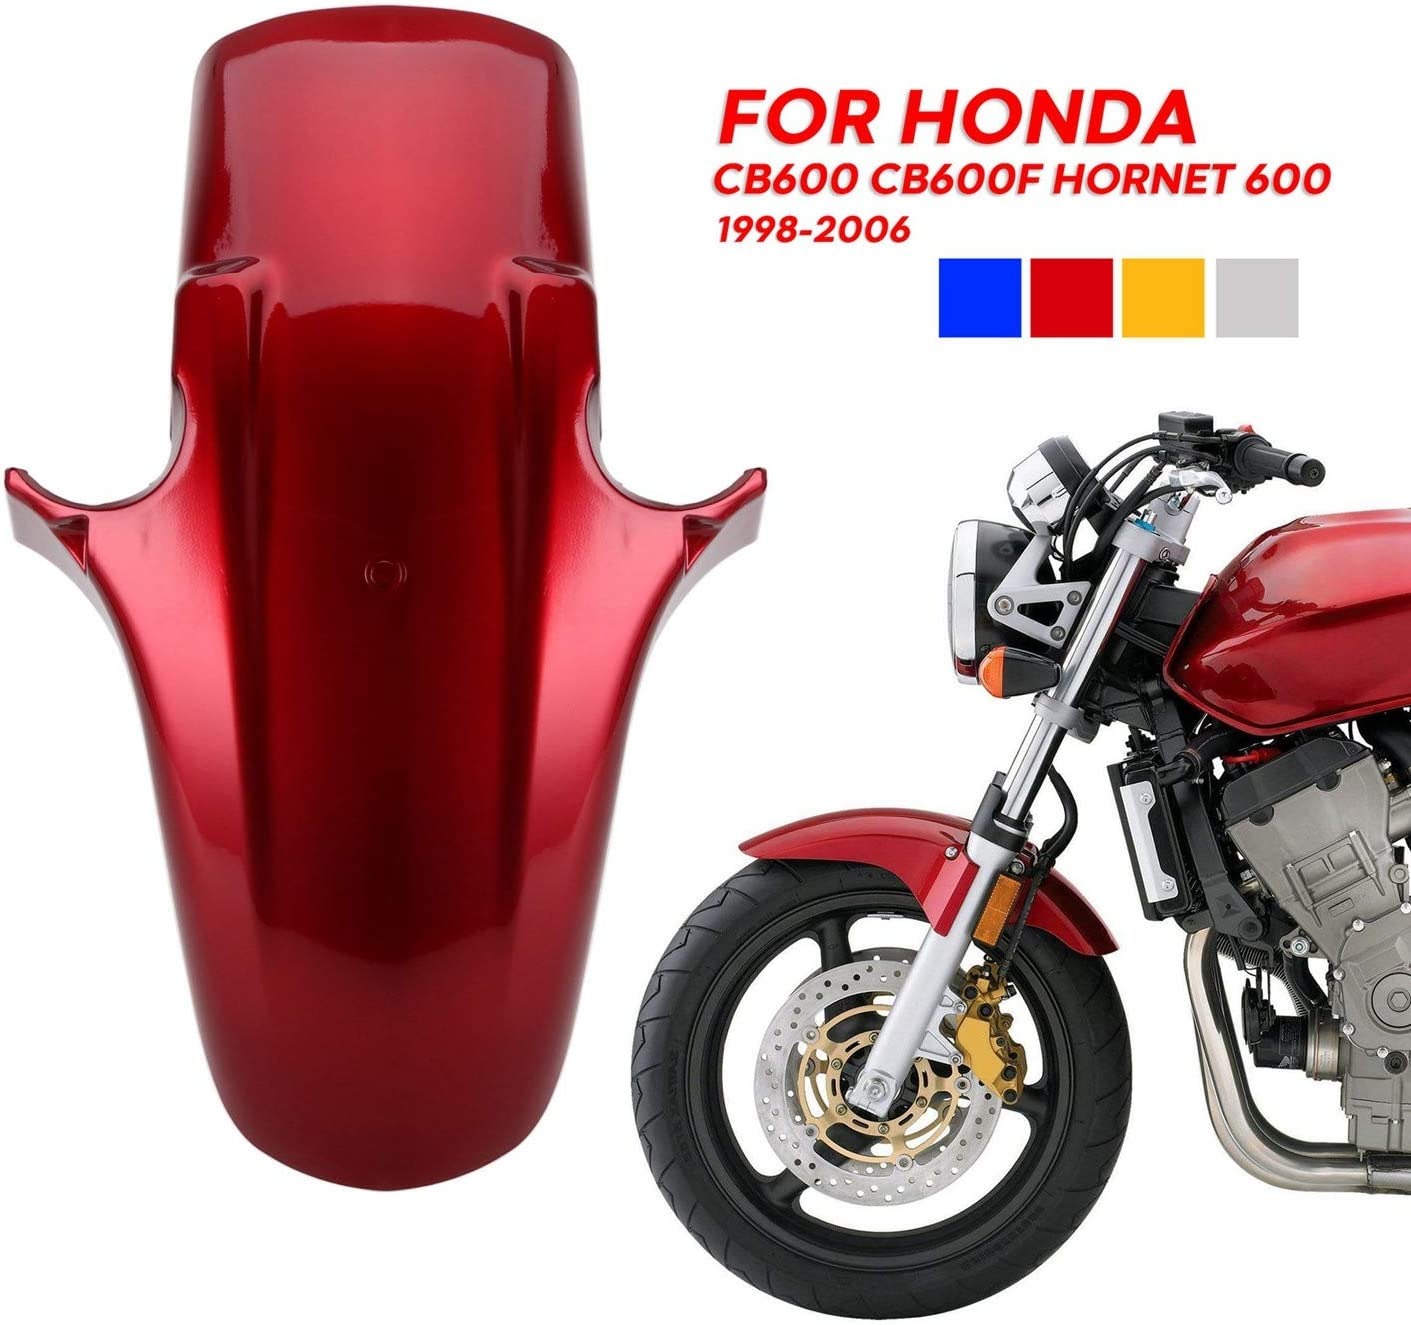 Domilay/Garde-Boue Garde Boue Garde Boue Garde Boue Avant pour Honda CB250F CB600F CB900F CB1300 Hornet 250 600 900 CB600 Hornet 600 Moto ABS Bleu